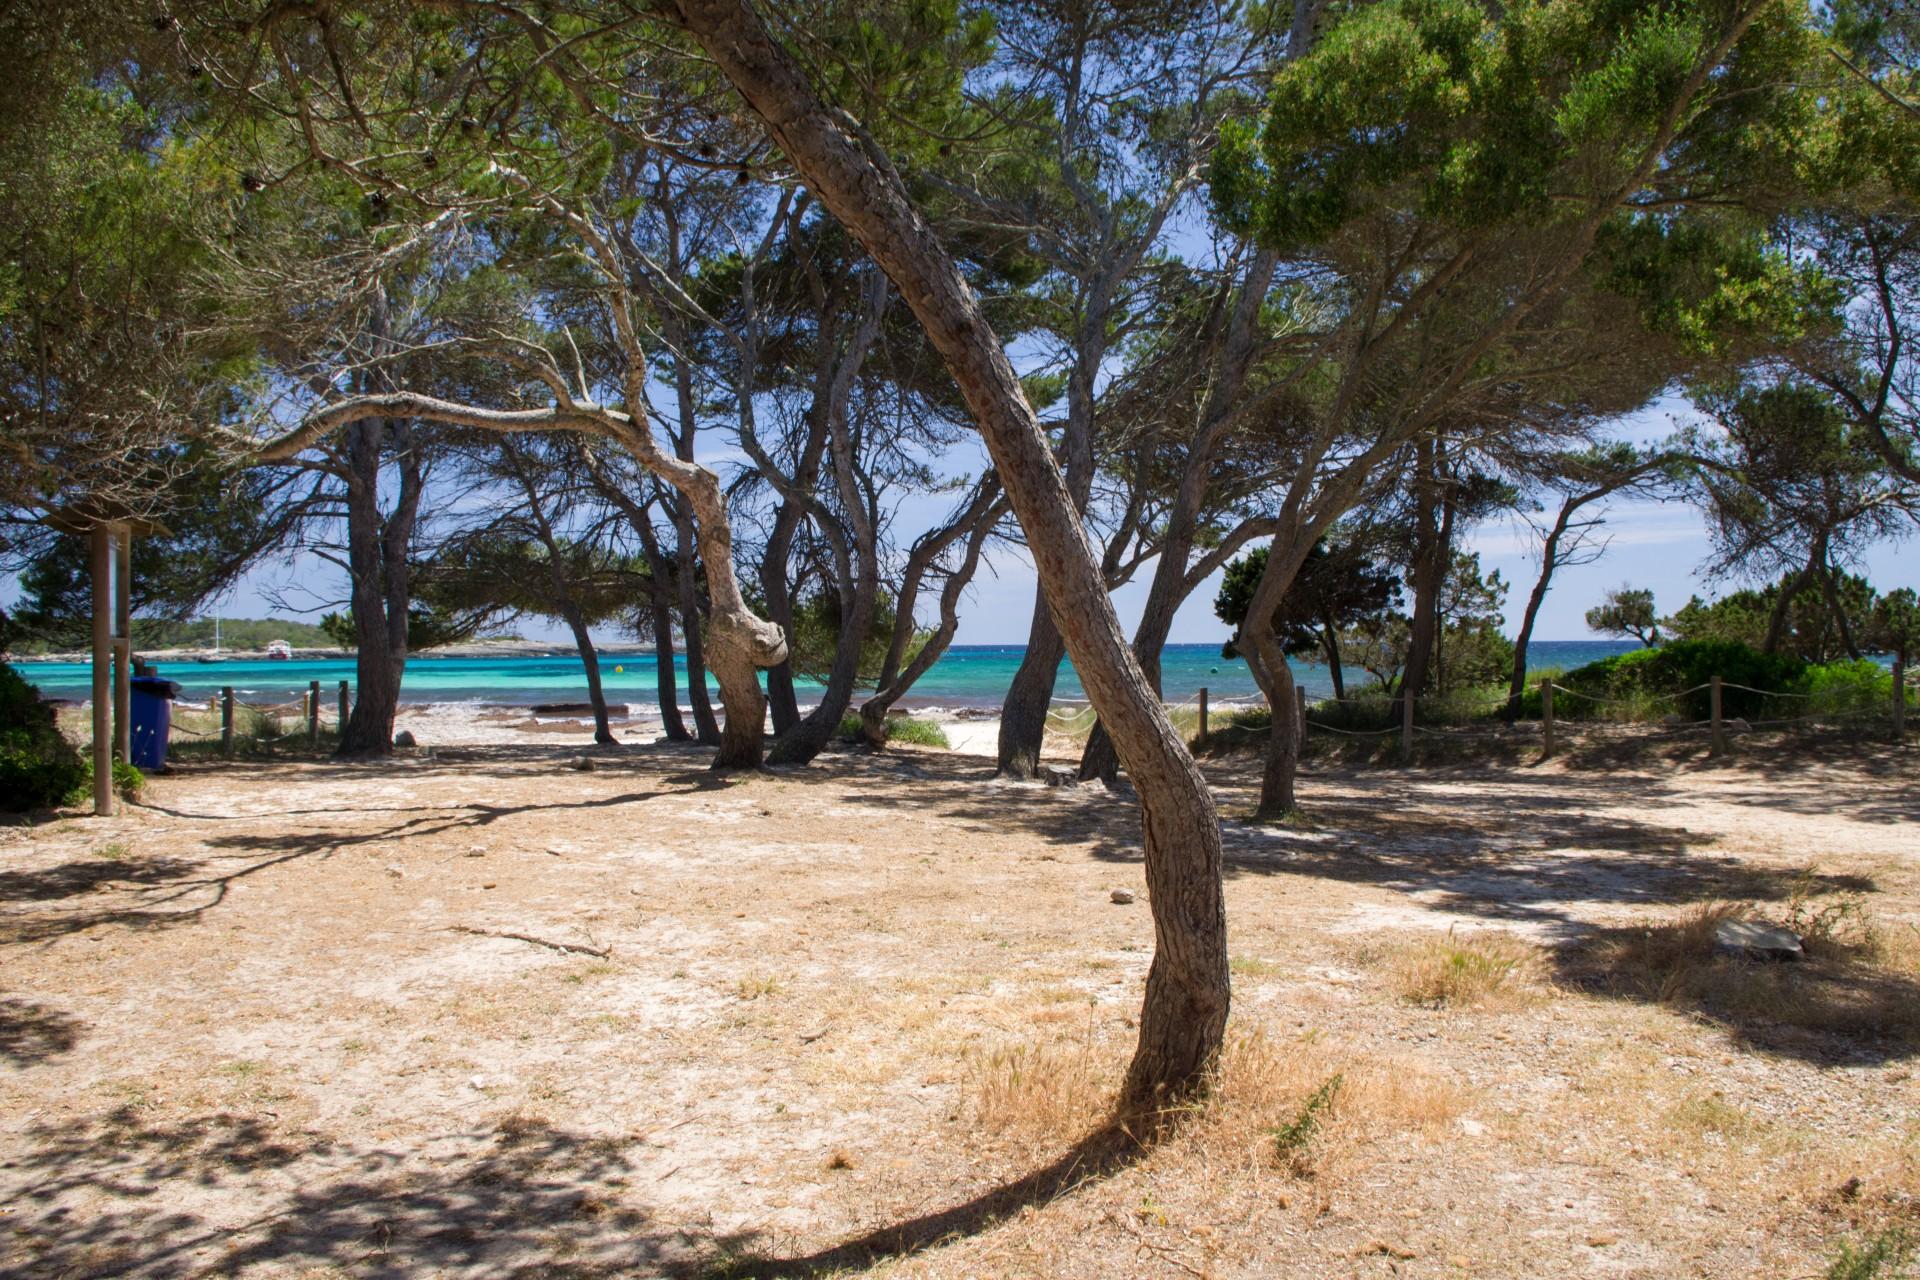 Paulilles-visite-le-dauphin-camping-argeles-06-1024x683